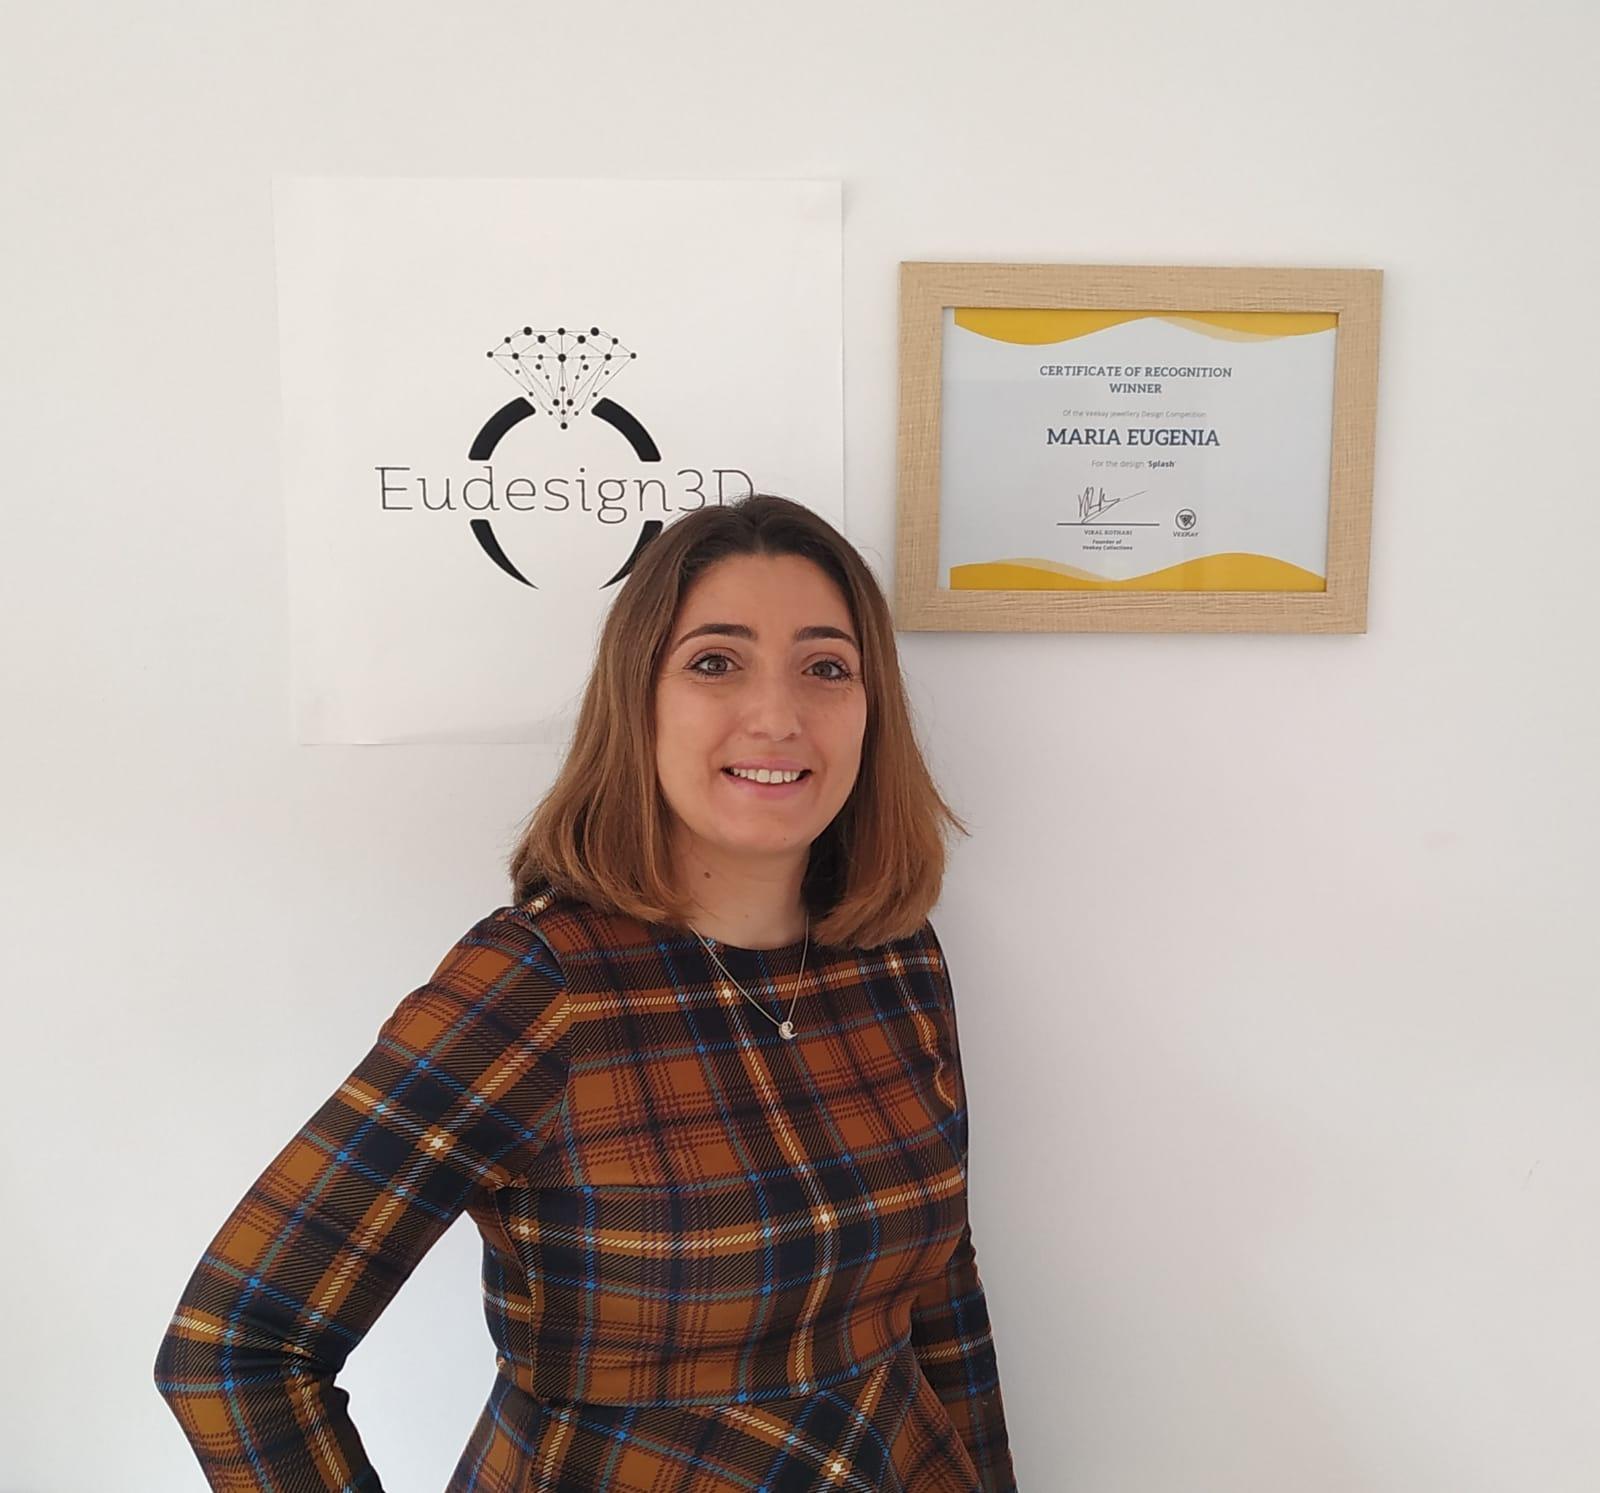 Mª Eugenia Morales